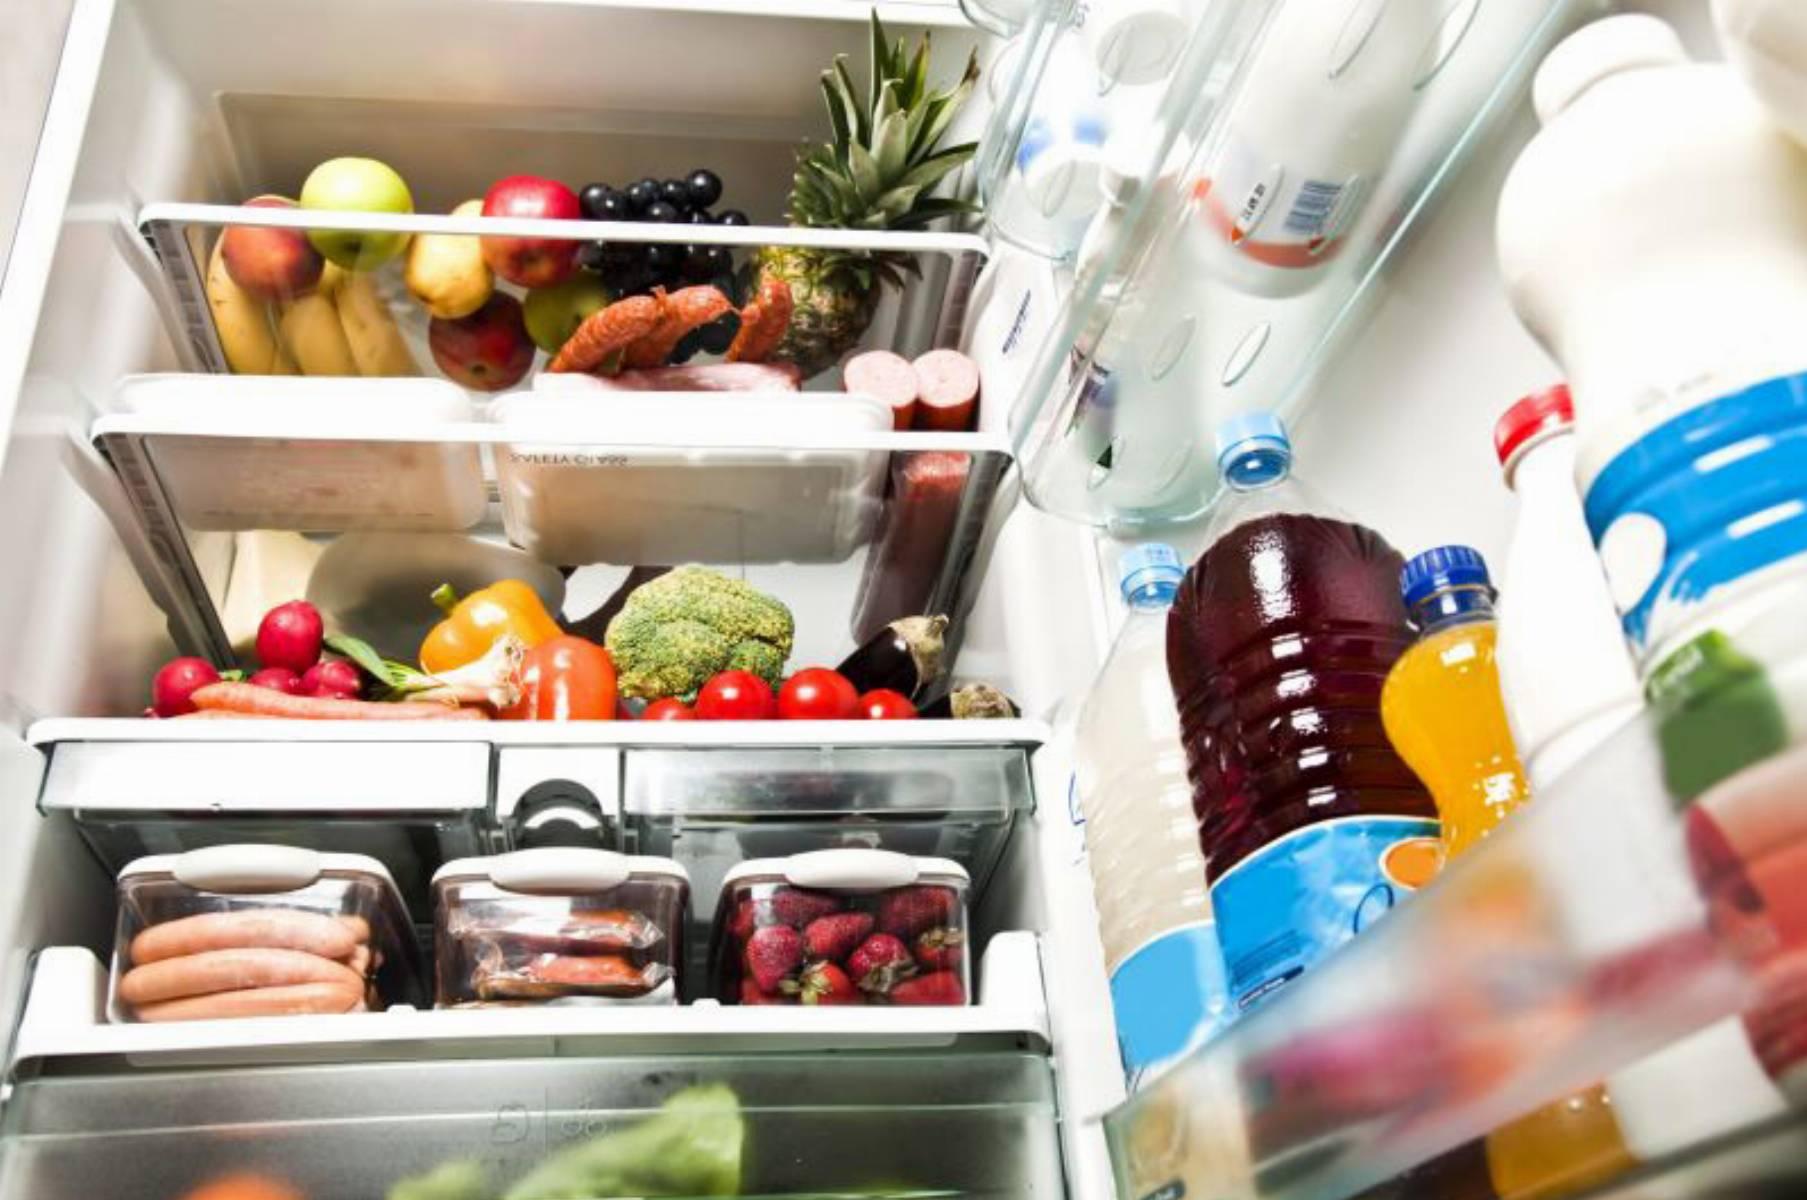 lodówka-z-jedzeniem